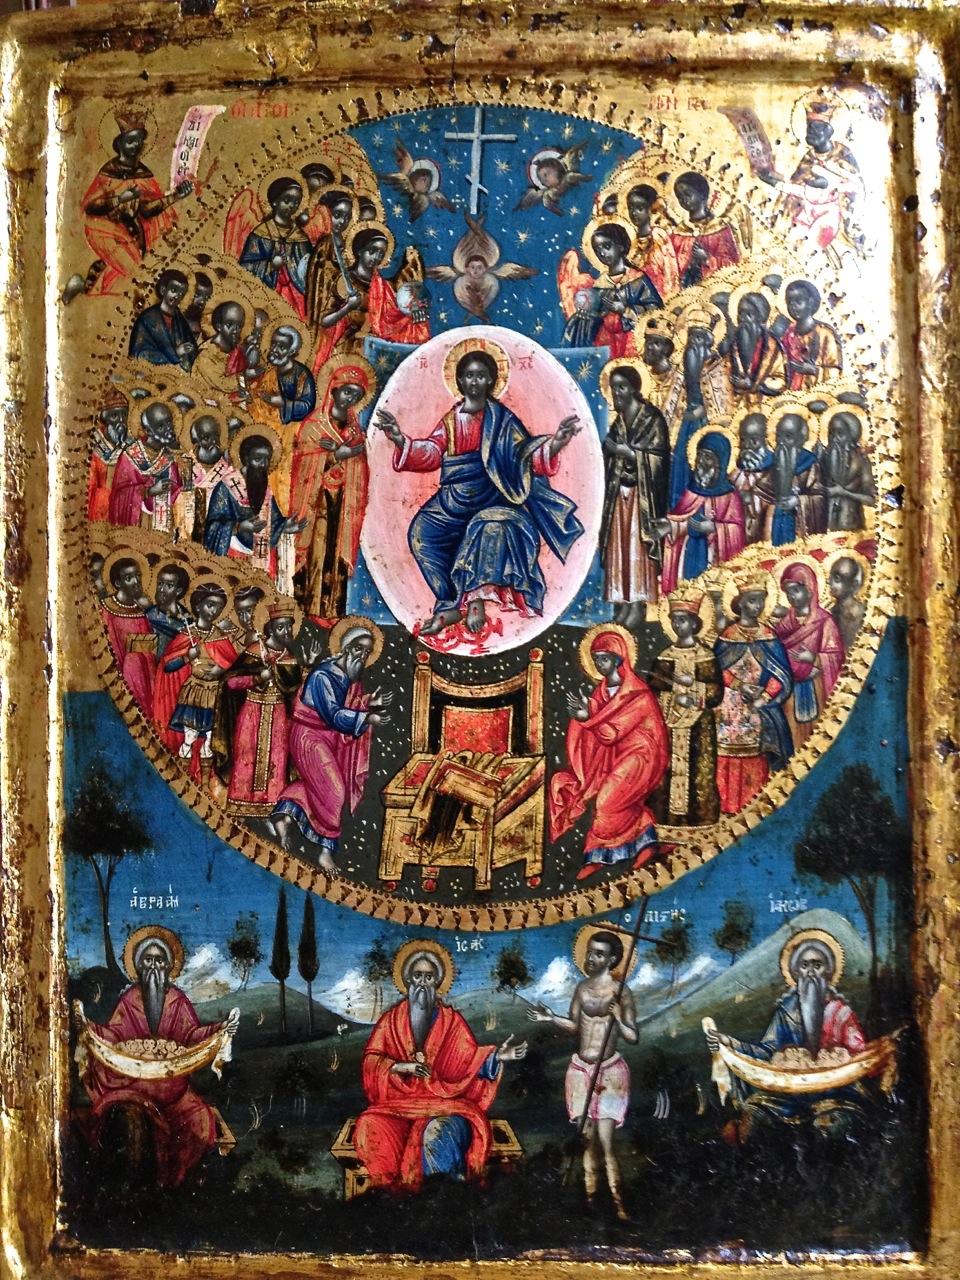 Gesù il signore di tutti i santi dans immagini sacre IMG_8092